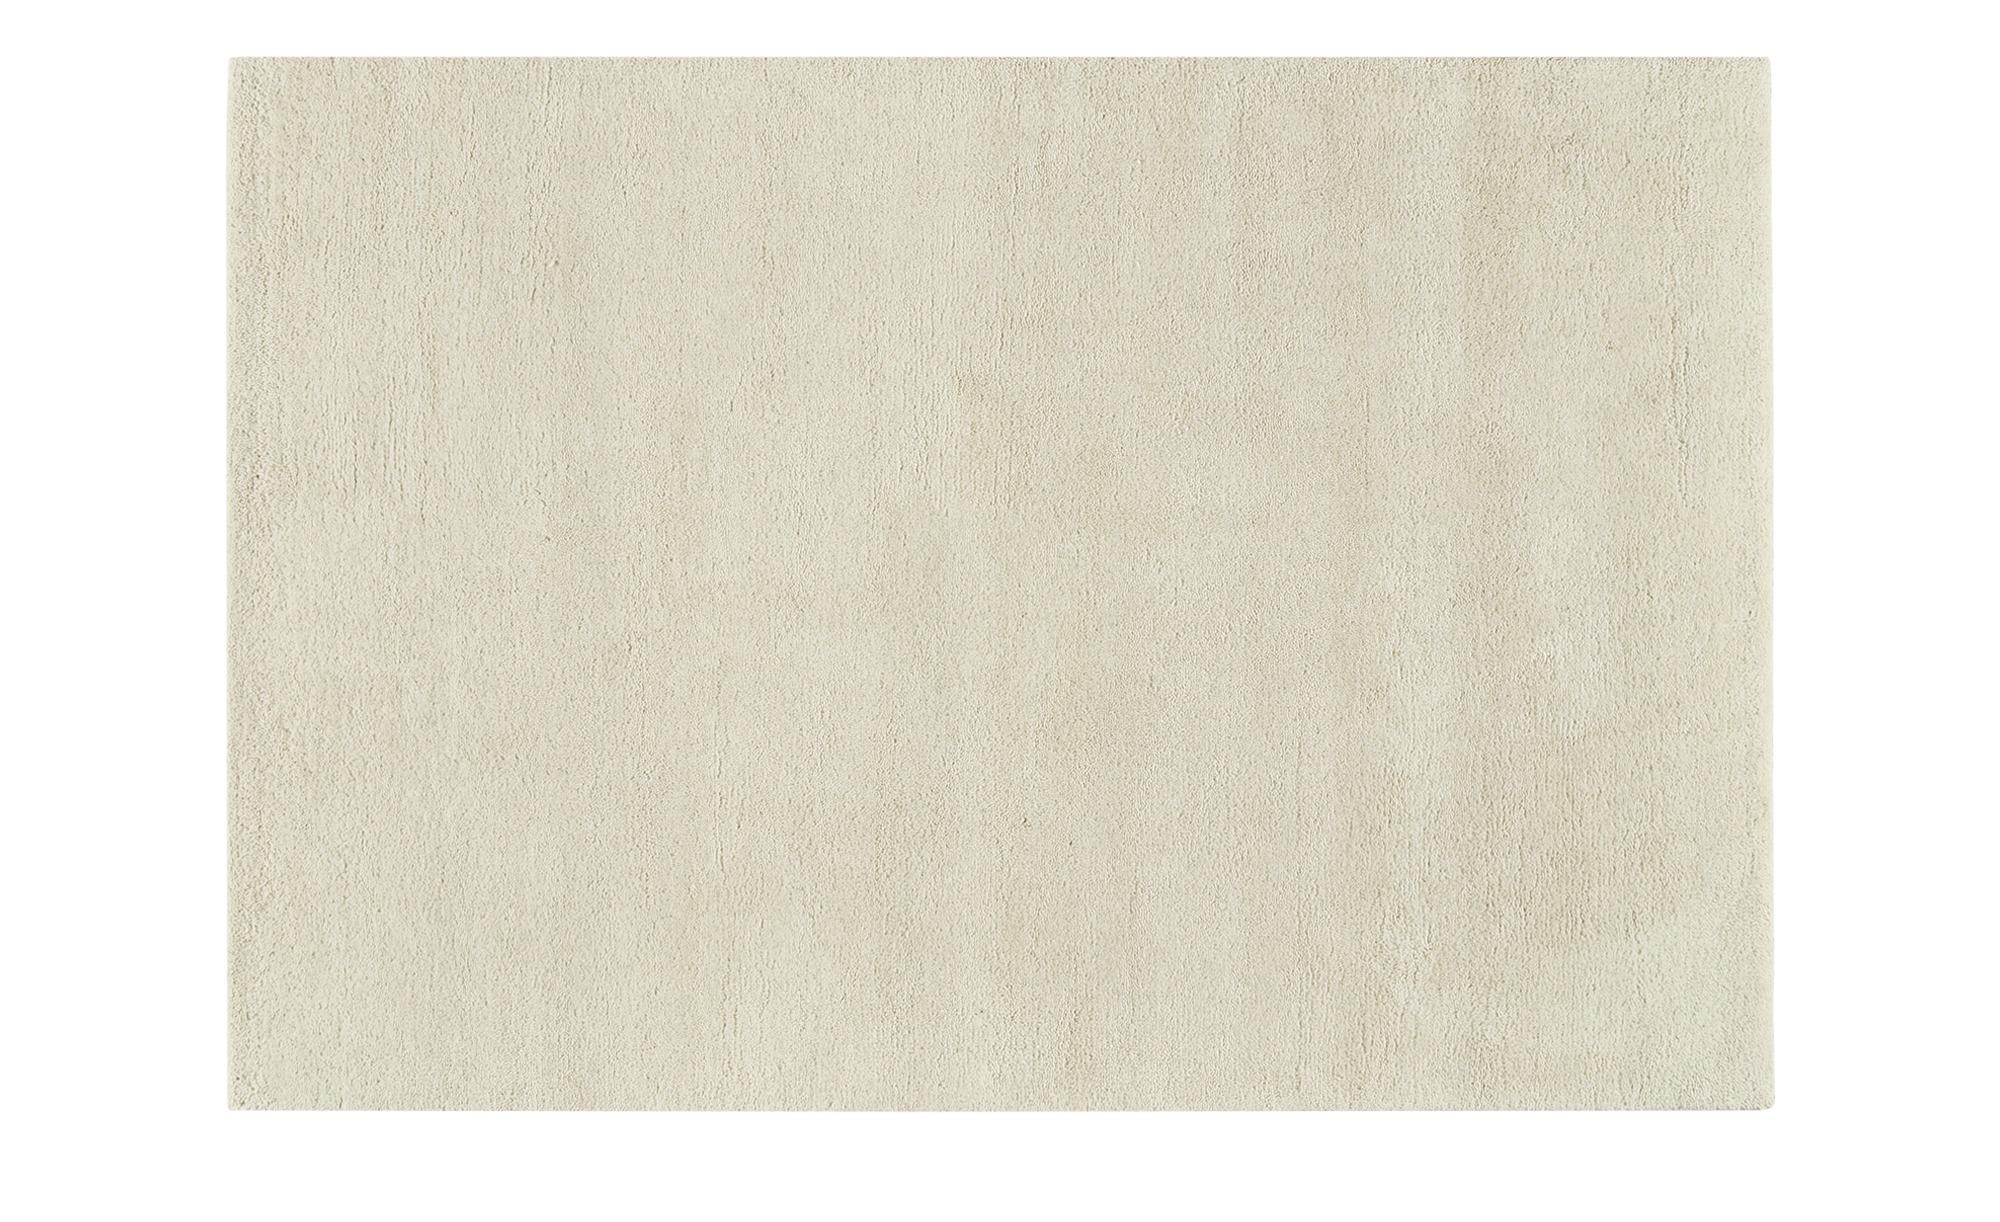 Berber-Teppich  Marrakesh double ¦ creme ¦ 100 % Wolle ¦ Maße (cm): B: 170 Teppiche > Wohnteppiche - Höffner | Heimtextilien > Teppiche > Berberteppiche | Creme | Wolle | Möbel Höffner DE